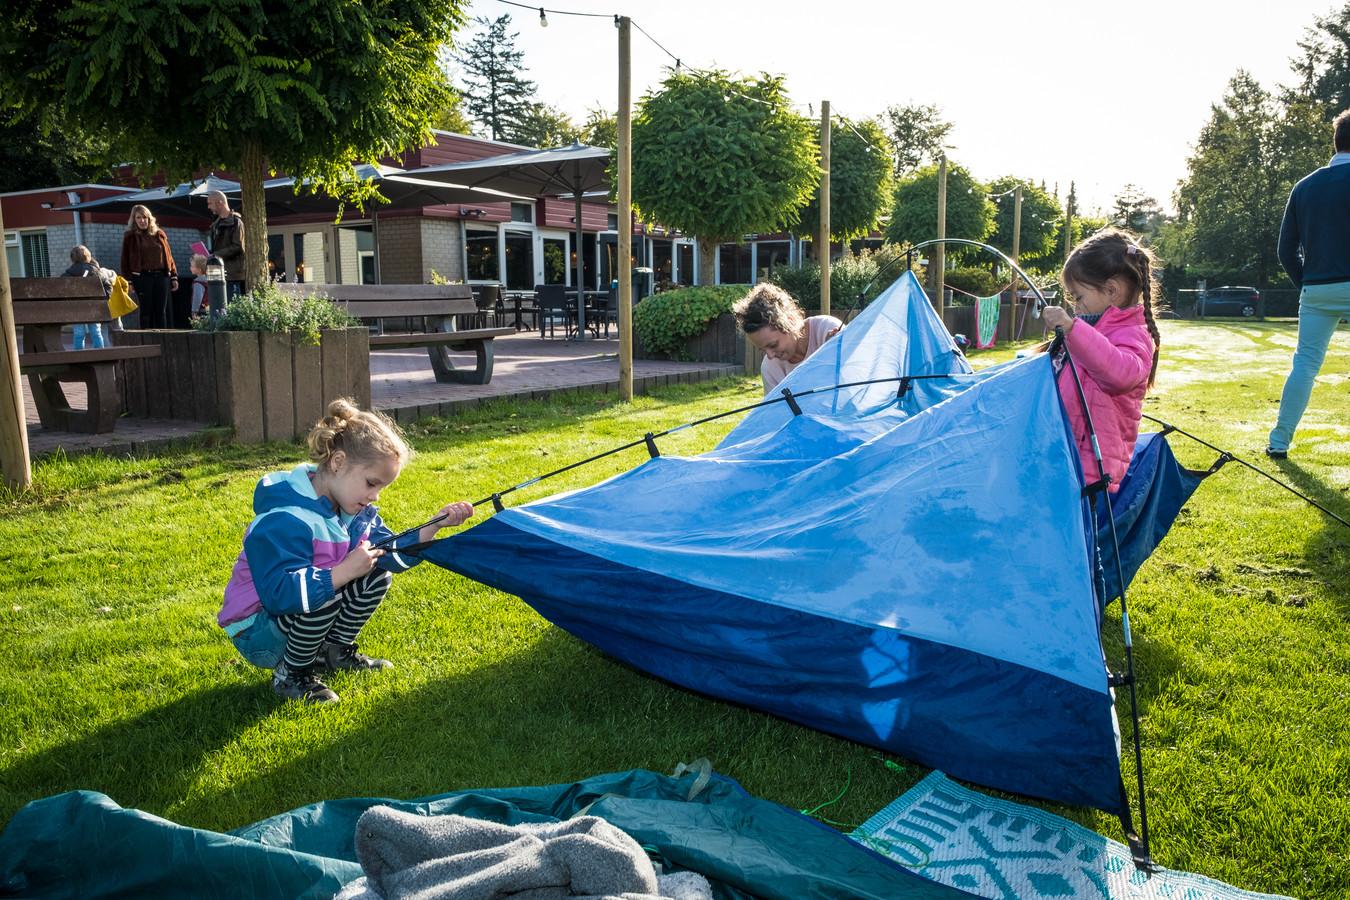 Campings in de gemeente Steenwijkerland gaan mogelijk al midden juni open.